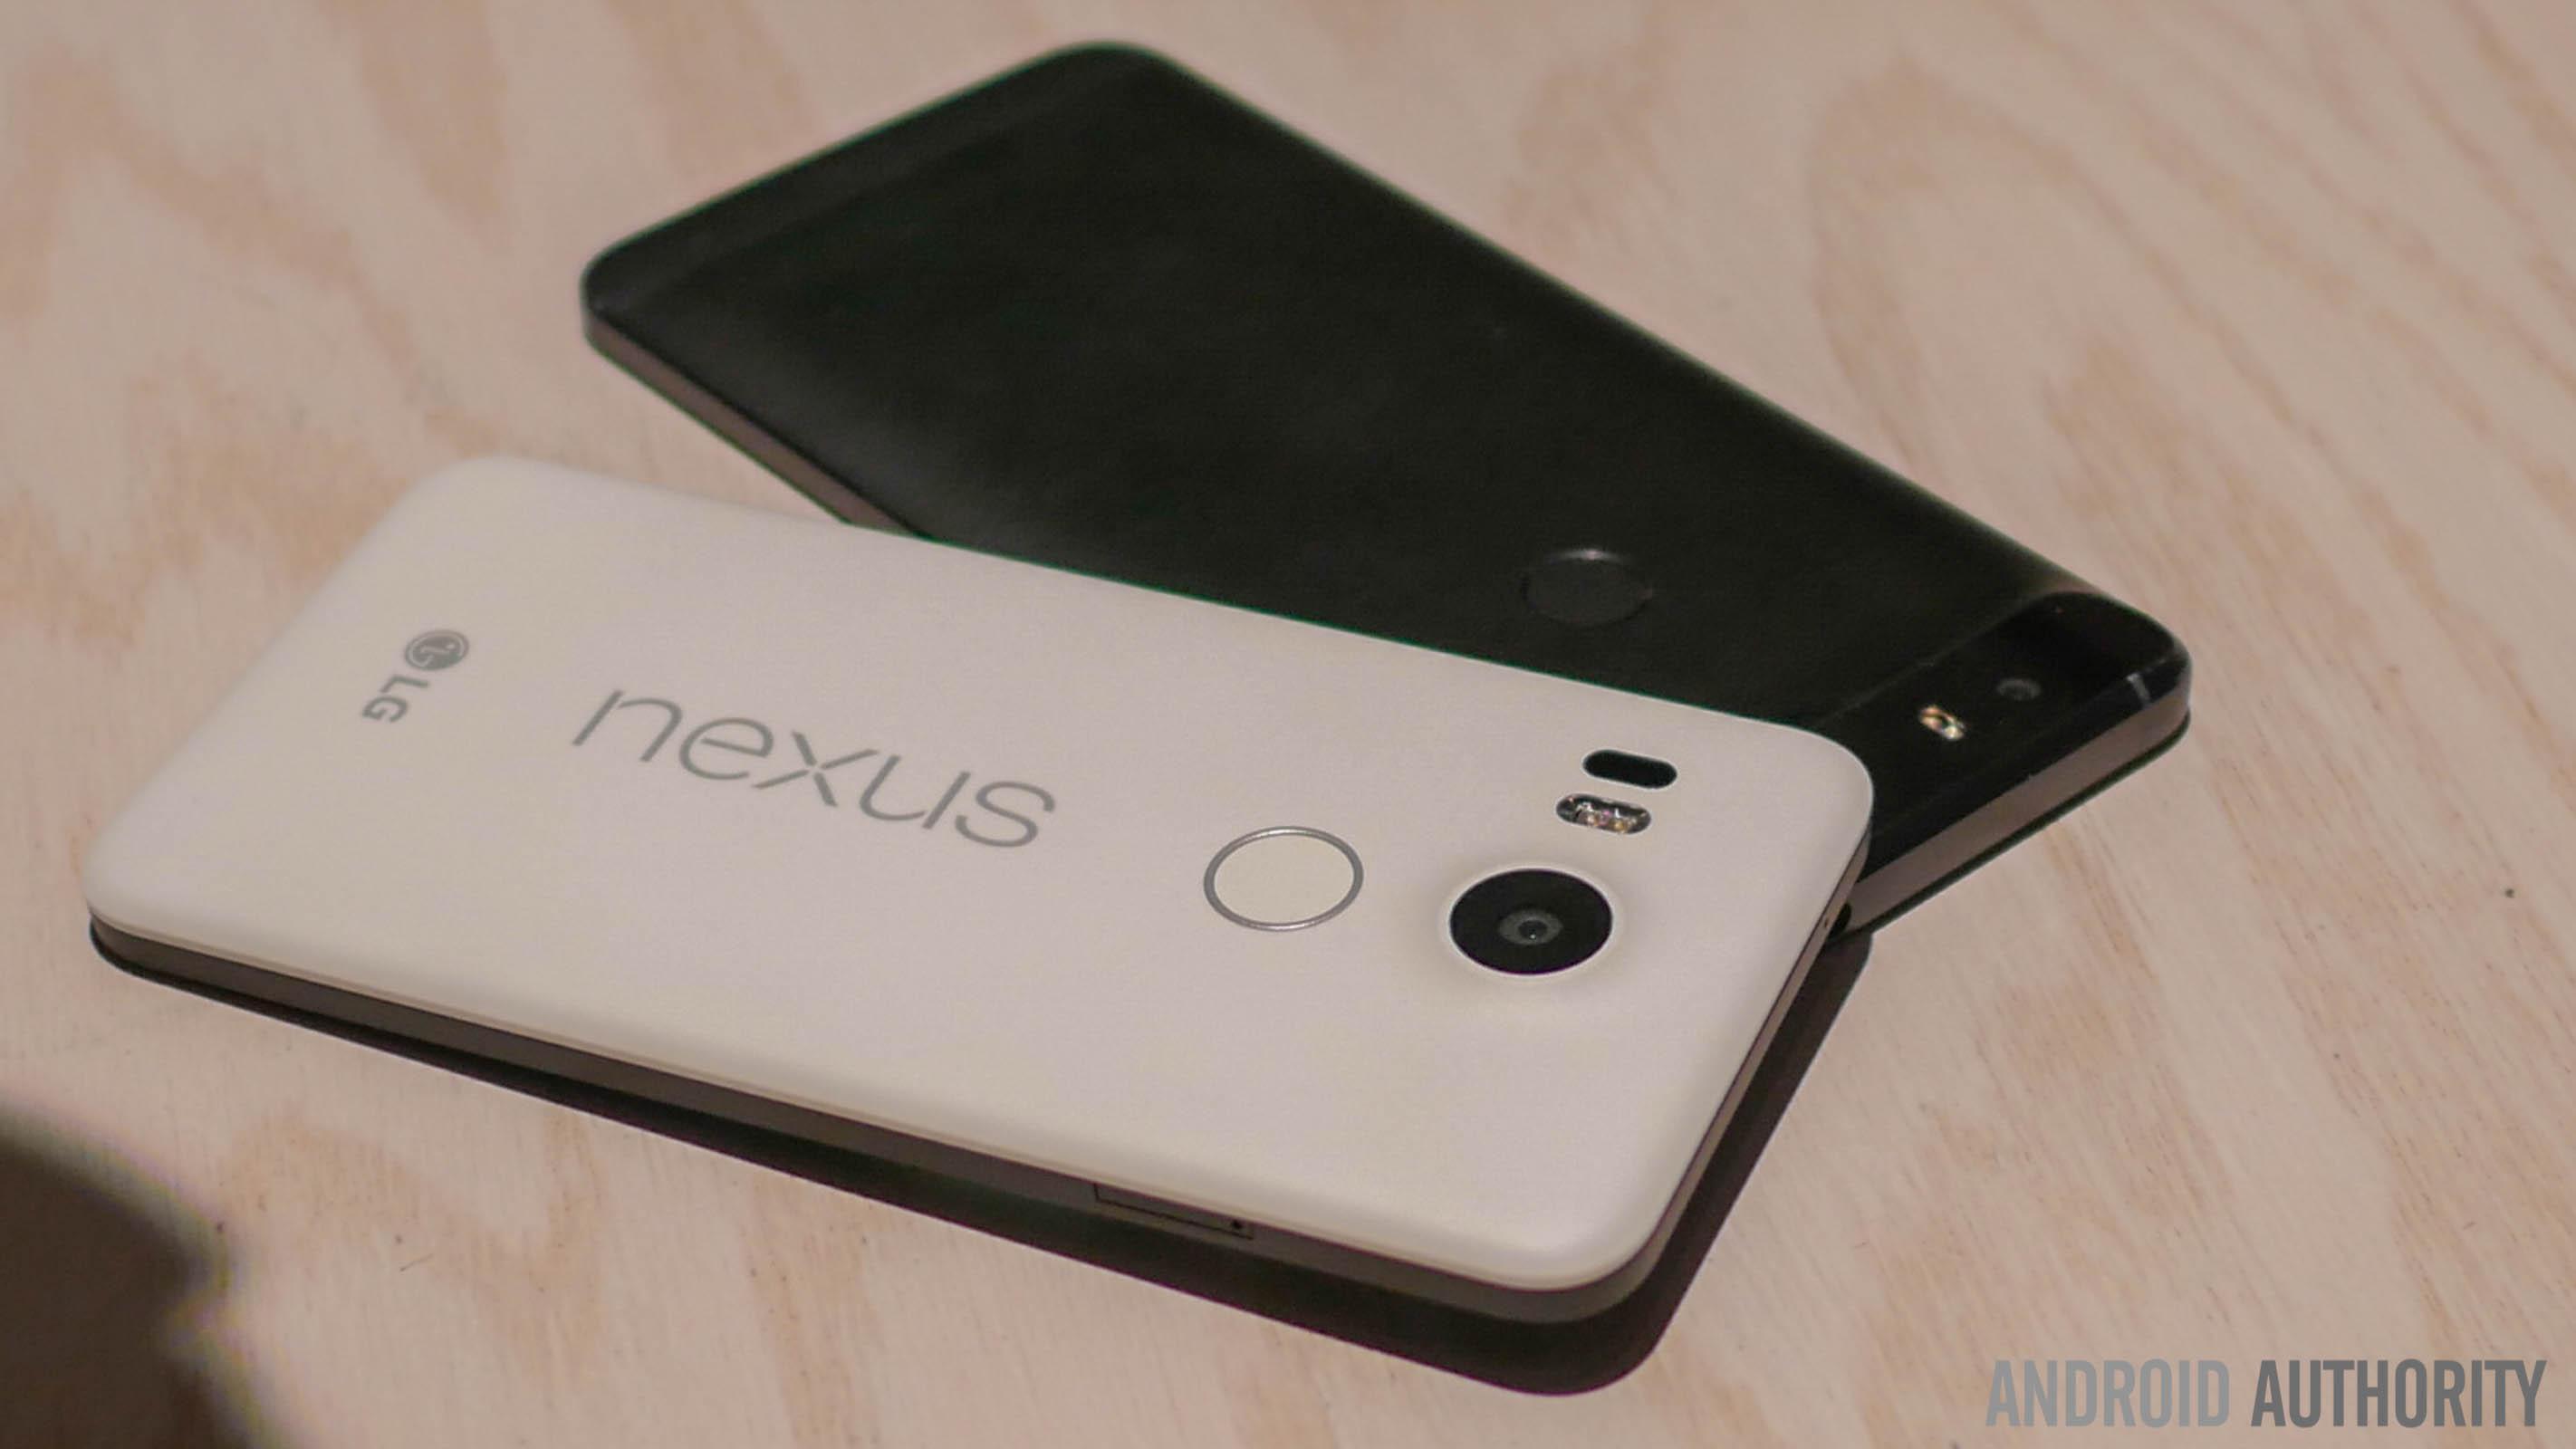 nexus 5x first look aa (9 of 28)